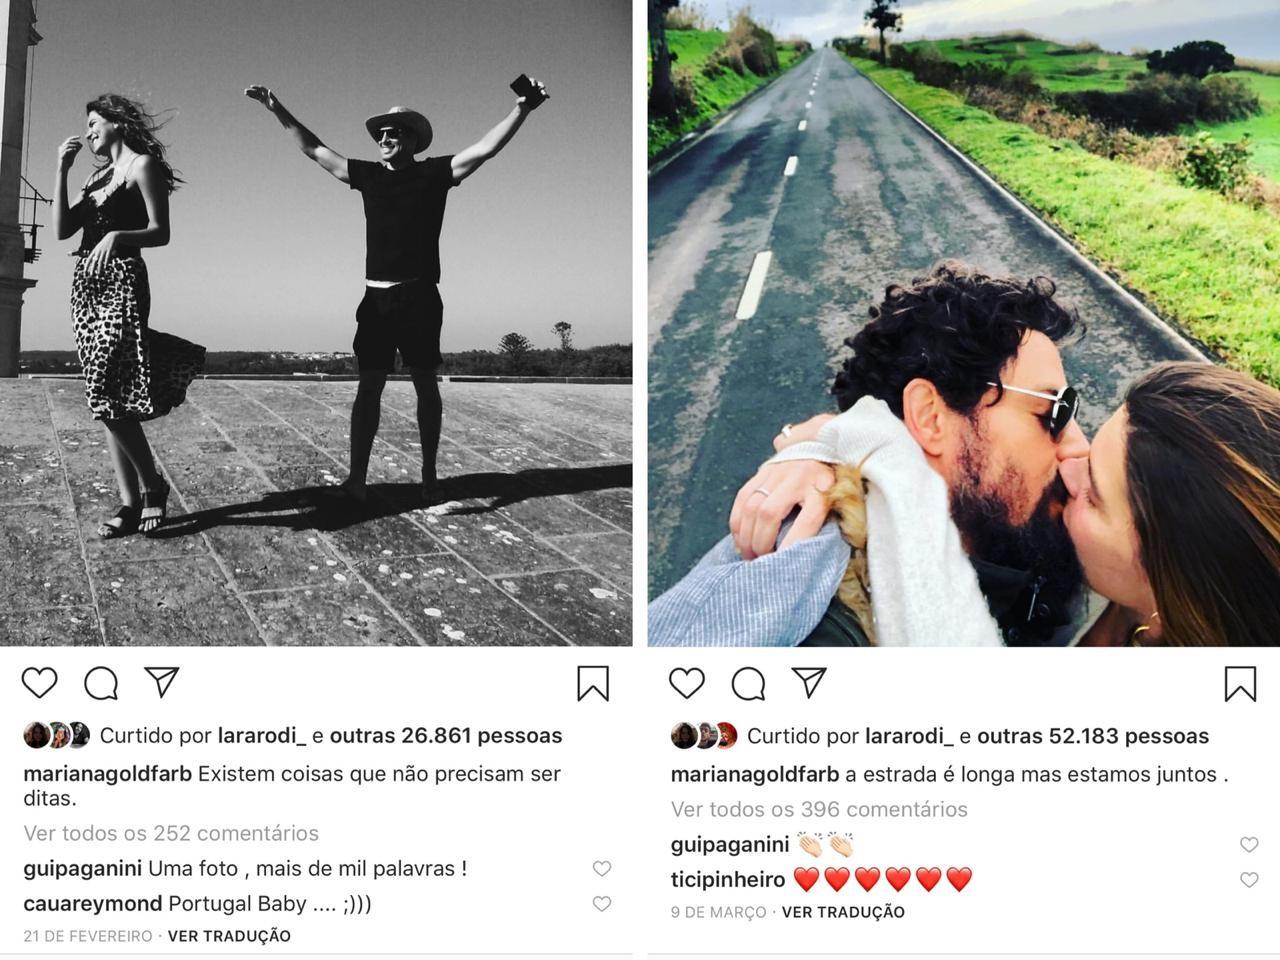 Posts de Mari Goldfarb em viagem romântica após o casamento civil (Foto: reprodução/Instagram)